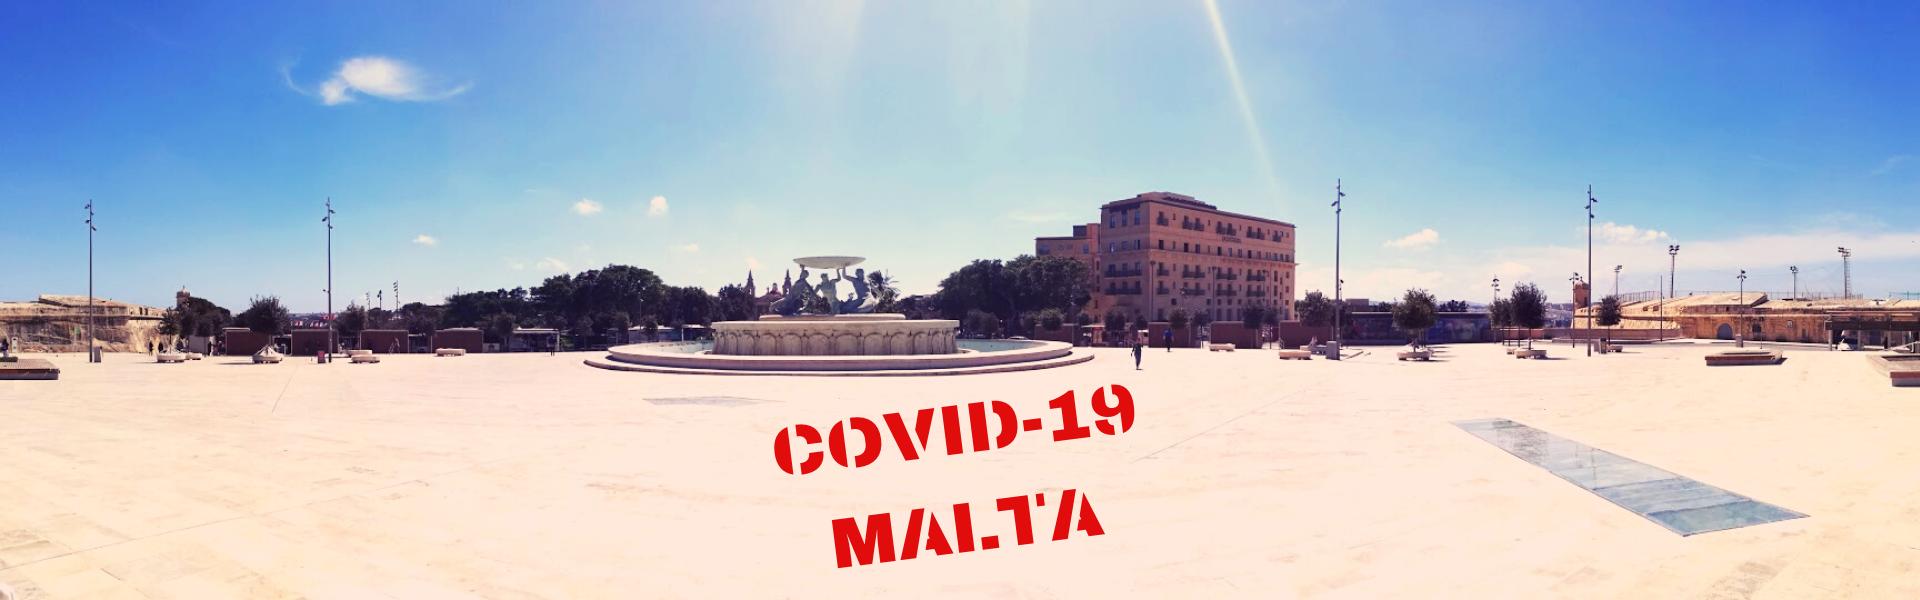 Koronavirus na Maltě - vše, co potřebuješ vědět